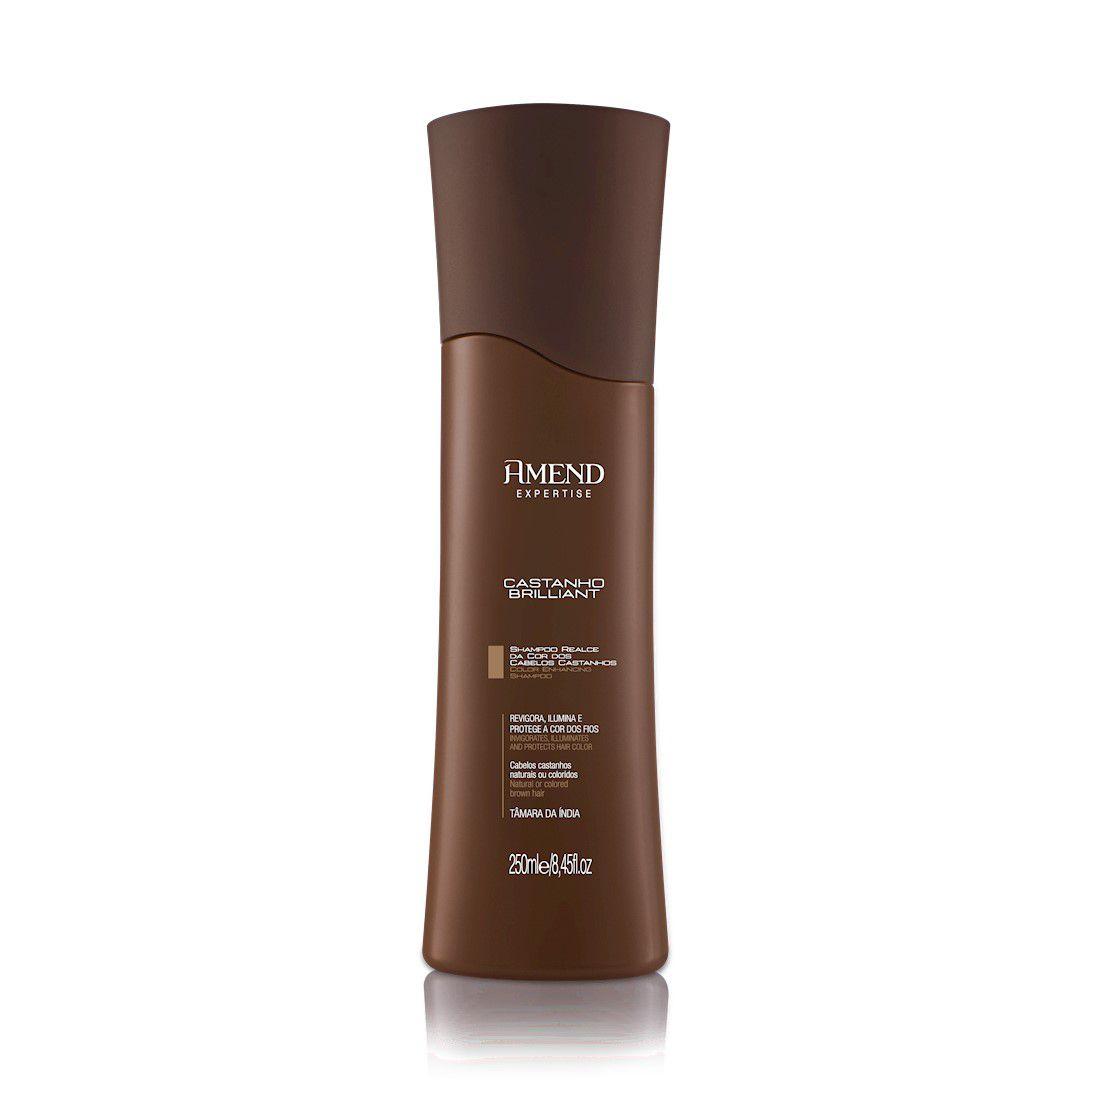 Amend Shampoo Expertise Castanho Brilliant 250mL